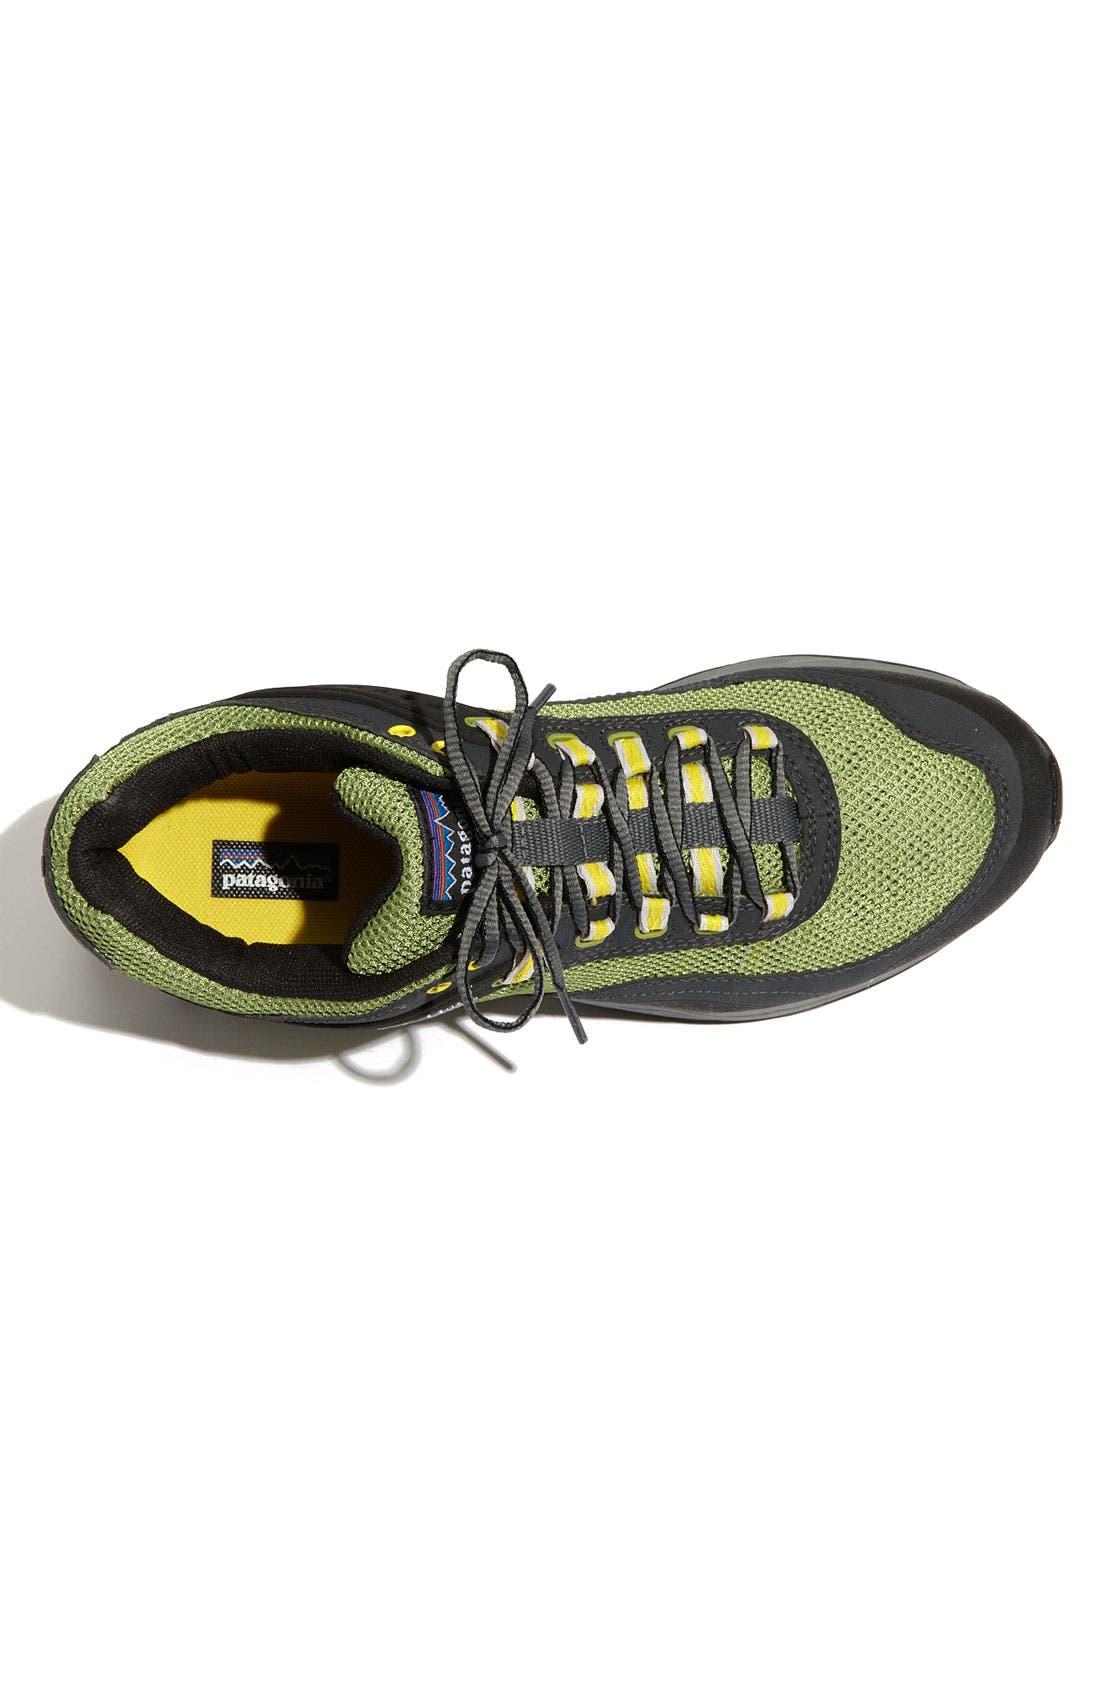 Alternate Image 2  - Patagonia 'Specter' Trail Running Shoe (Men)